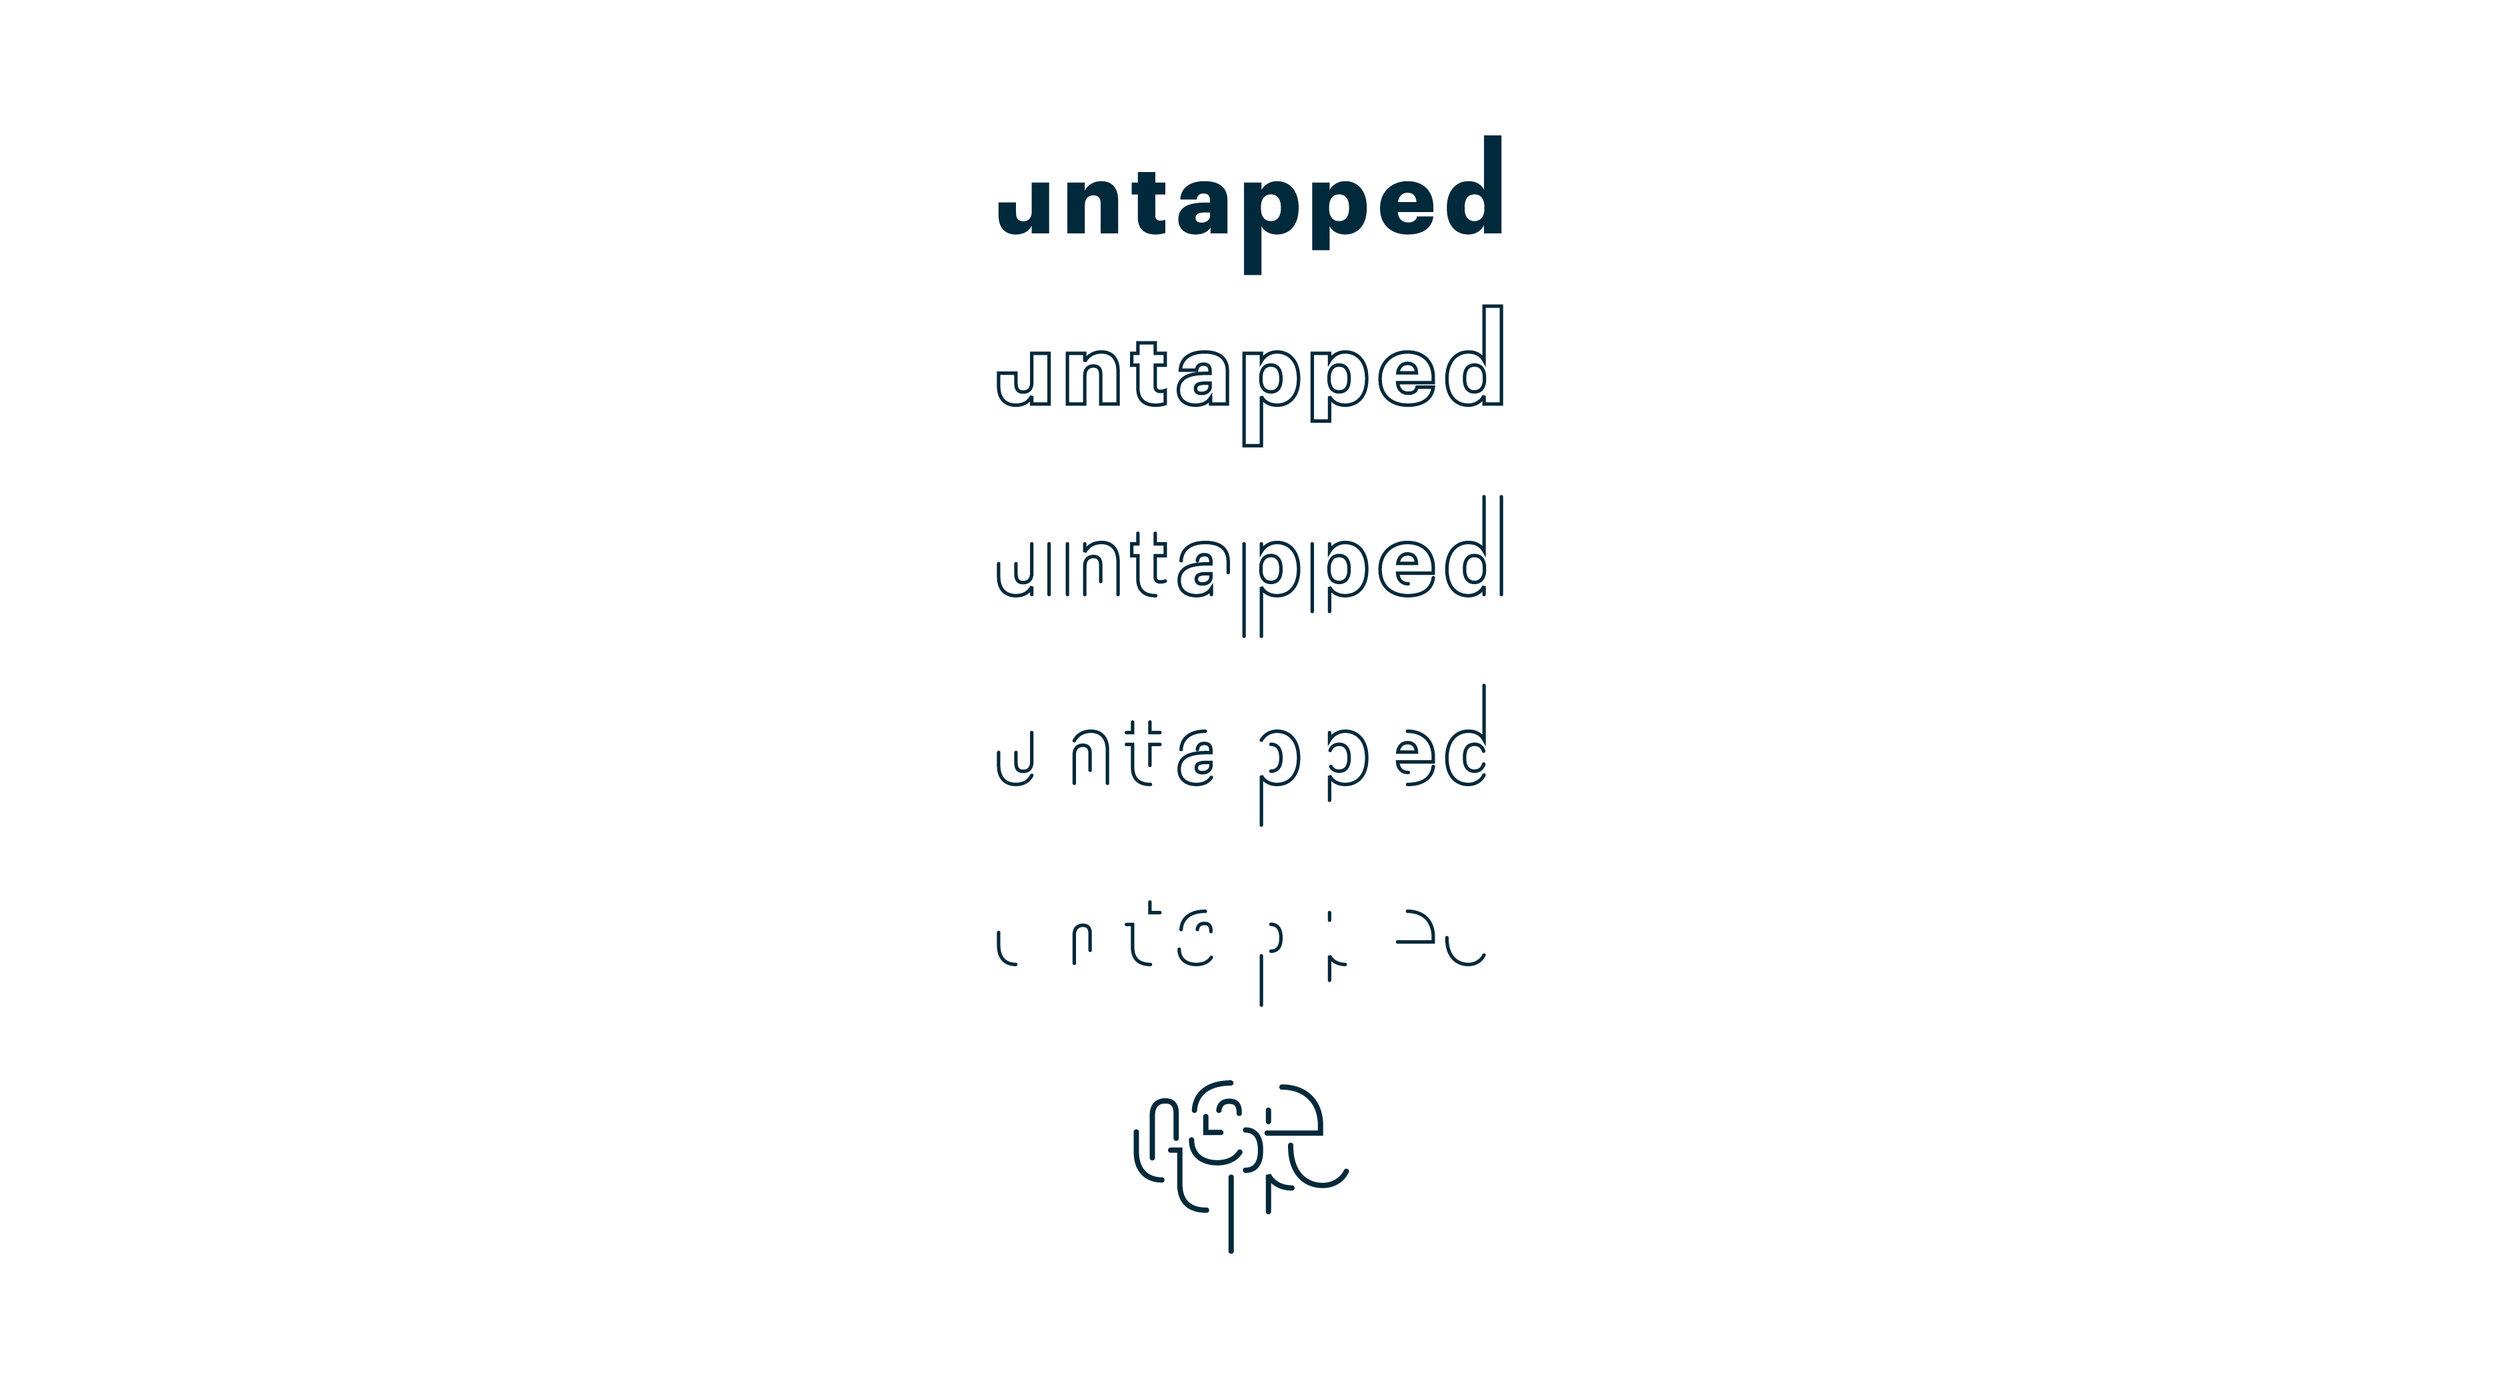 untapped_webportfolio_v11.jpg